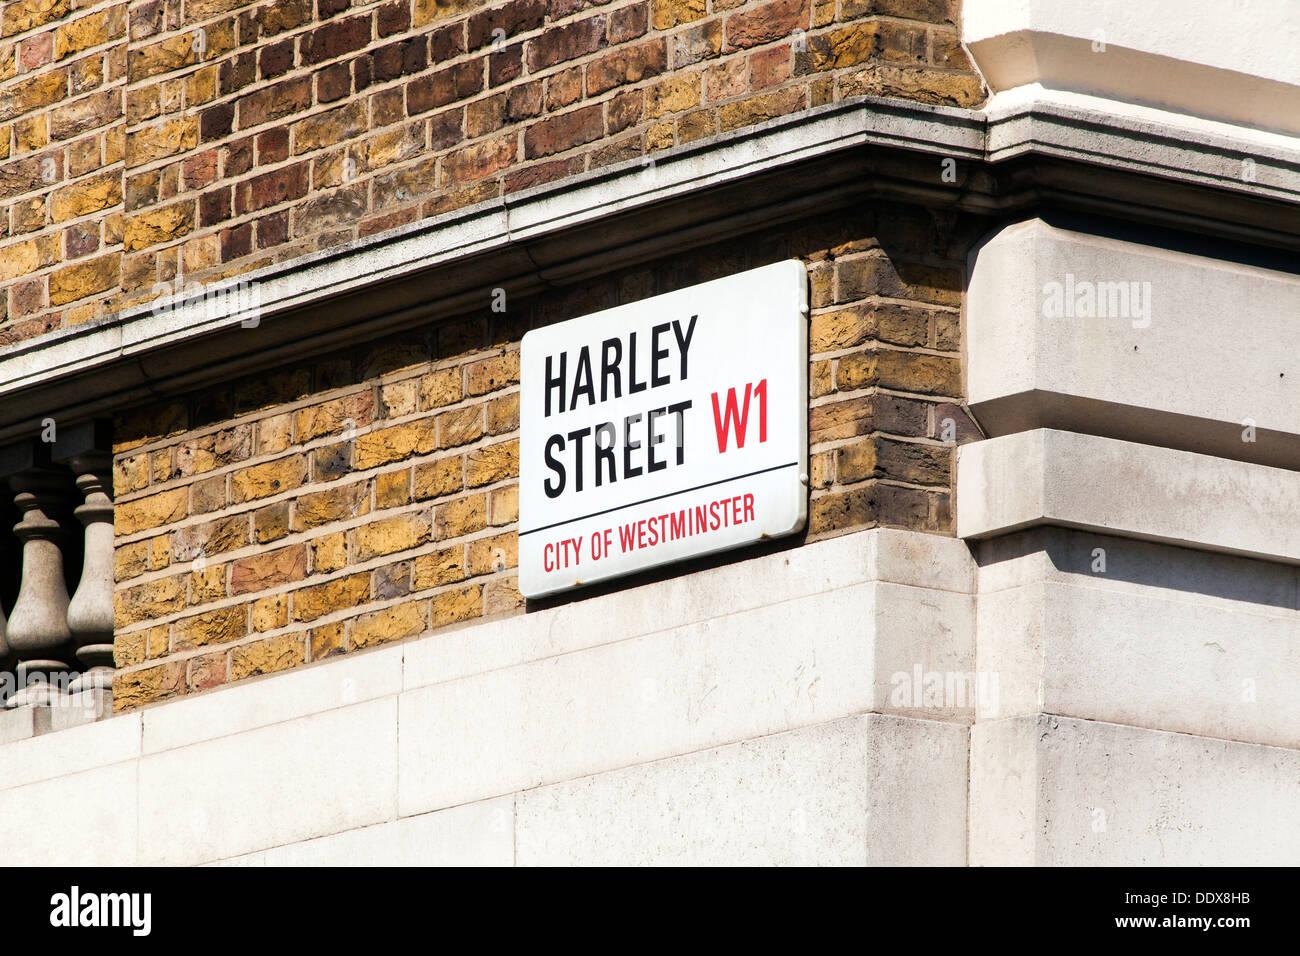 Harley Street London, Lage der vielen privaten medizinischen Berater. Stockbild